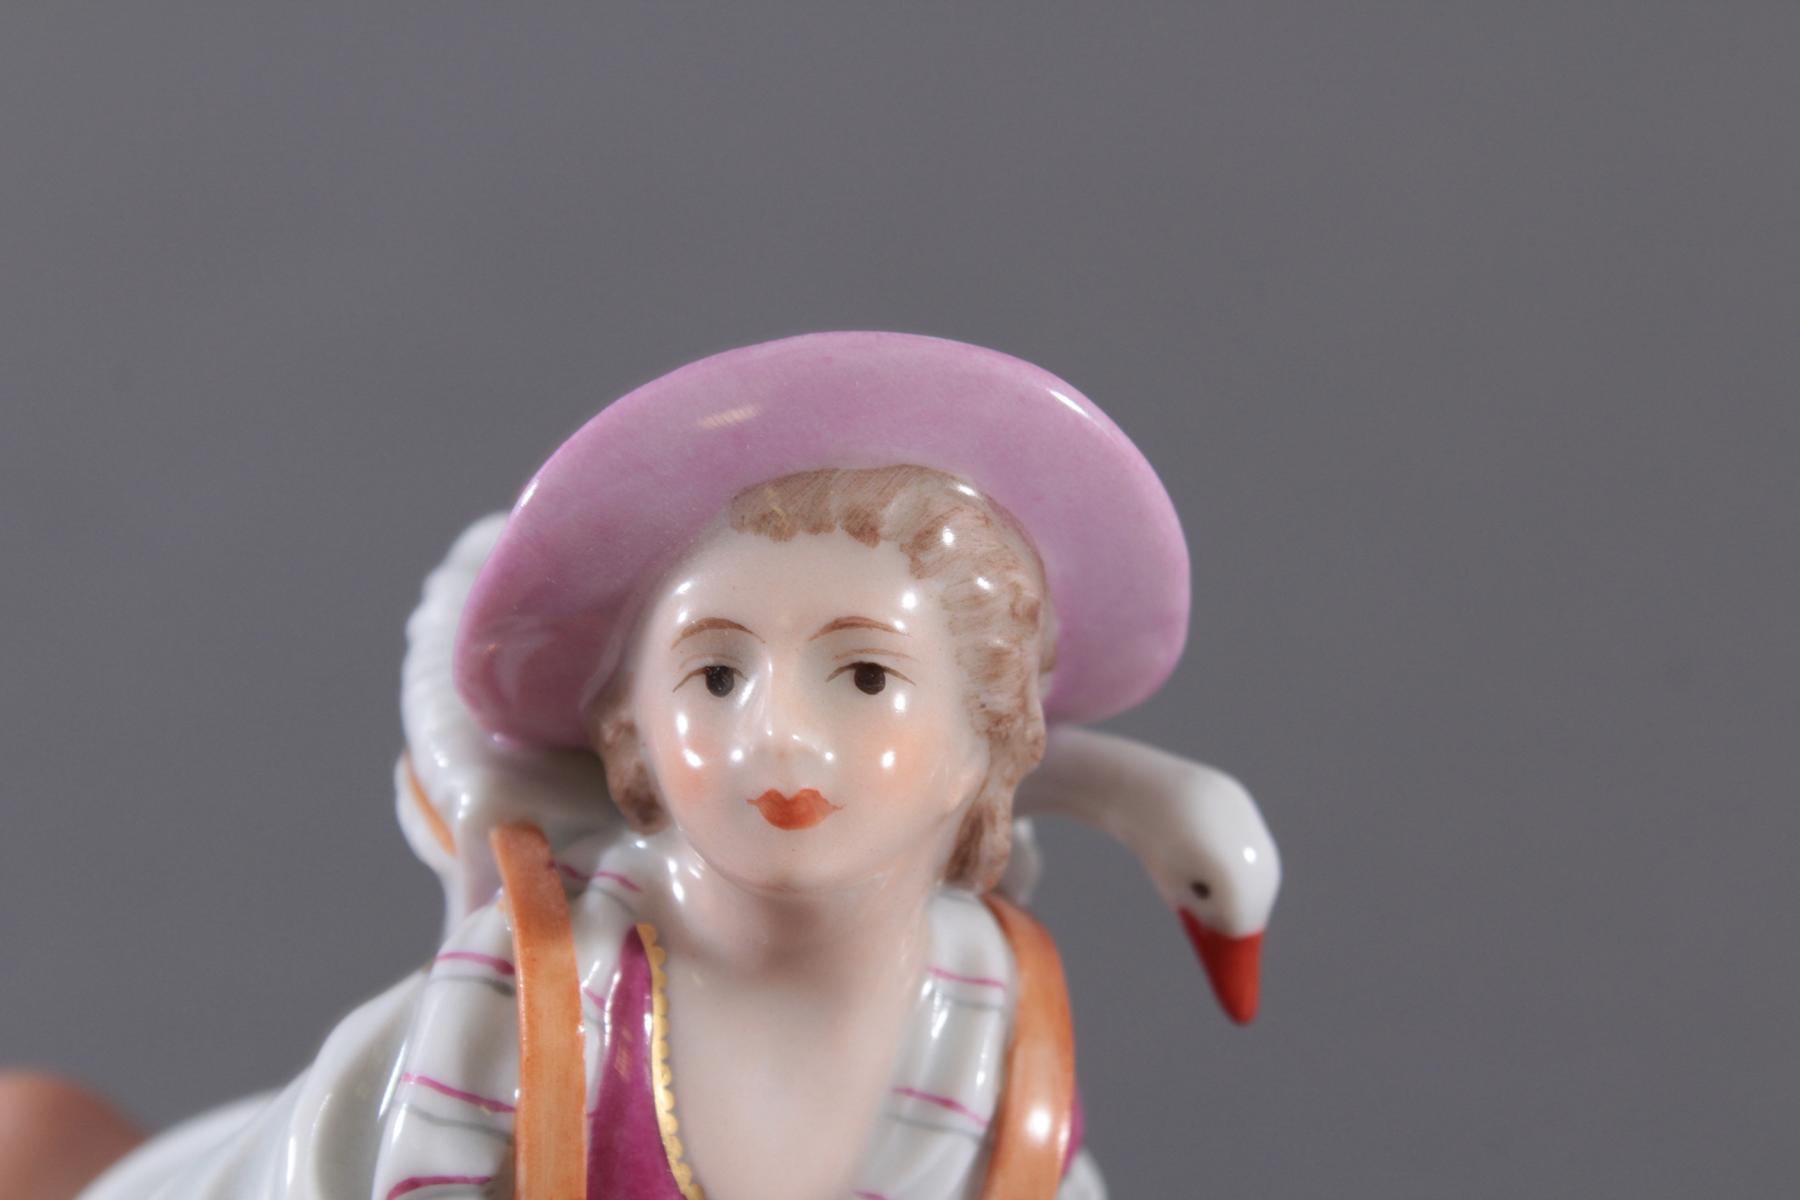 Höchster Porzellanmanufaktur. 'Bäuerin mit Gans und Hase'-3